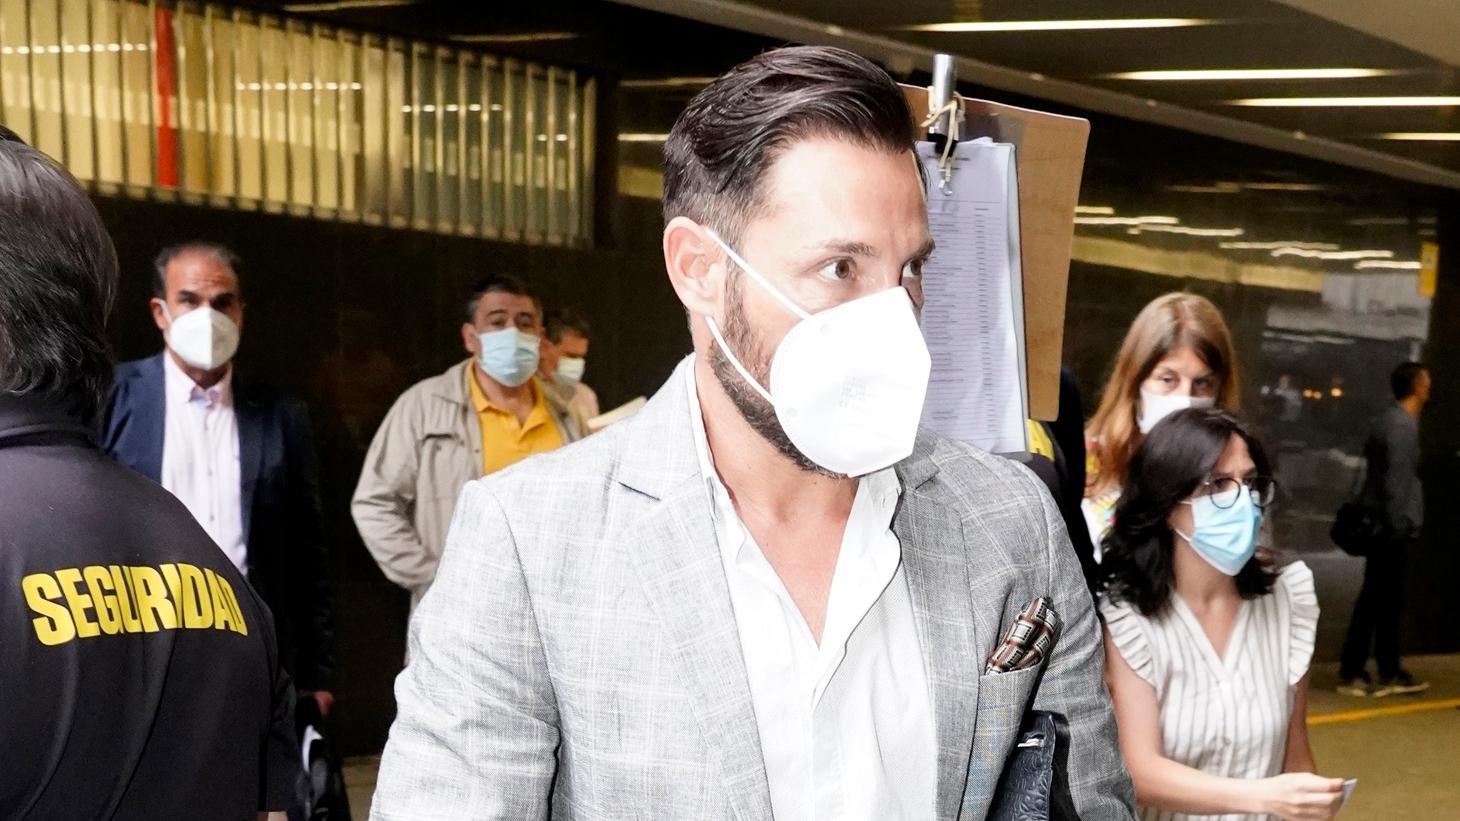 La Fábrica de la Tele, condenada a pagar 82.000 euros a Antonio David Flores por despido nulo tras la emisión del documental de Rocío Carrasco